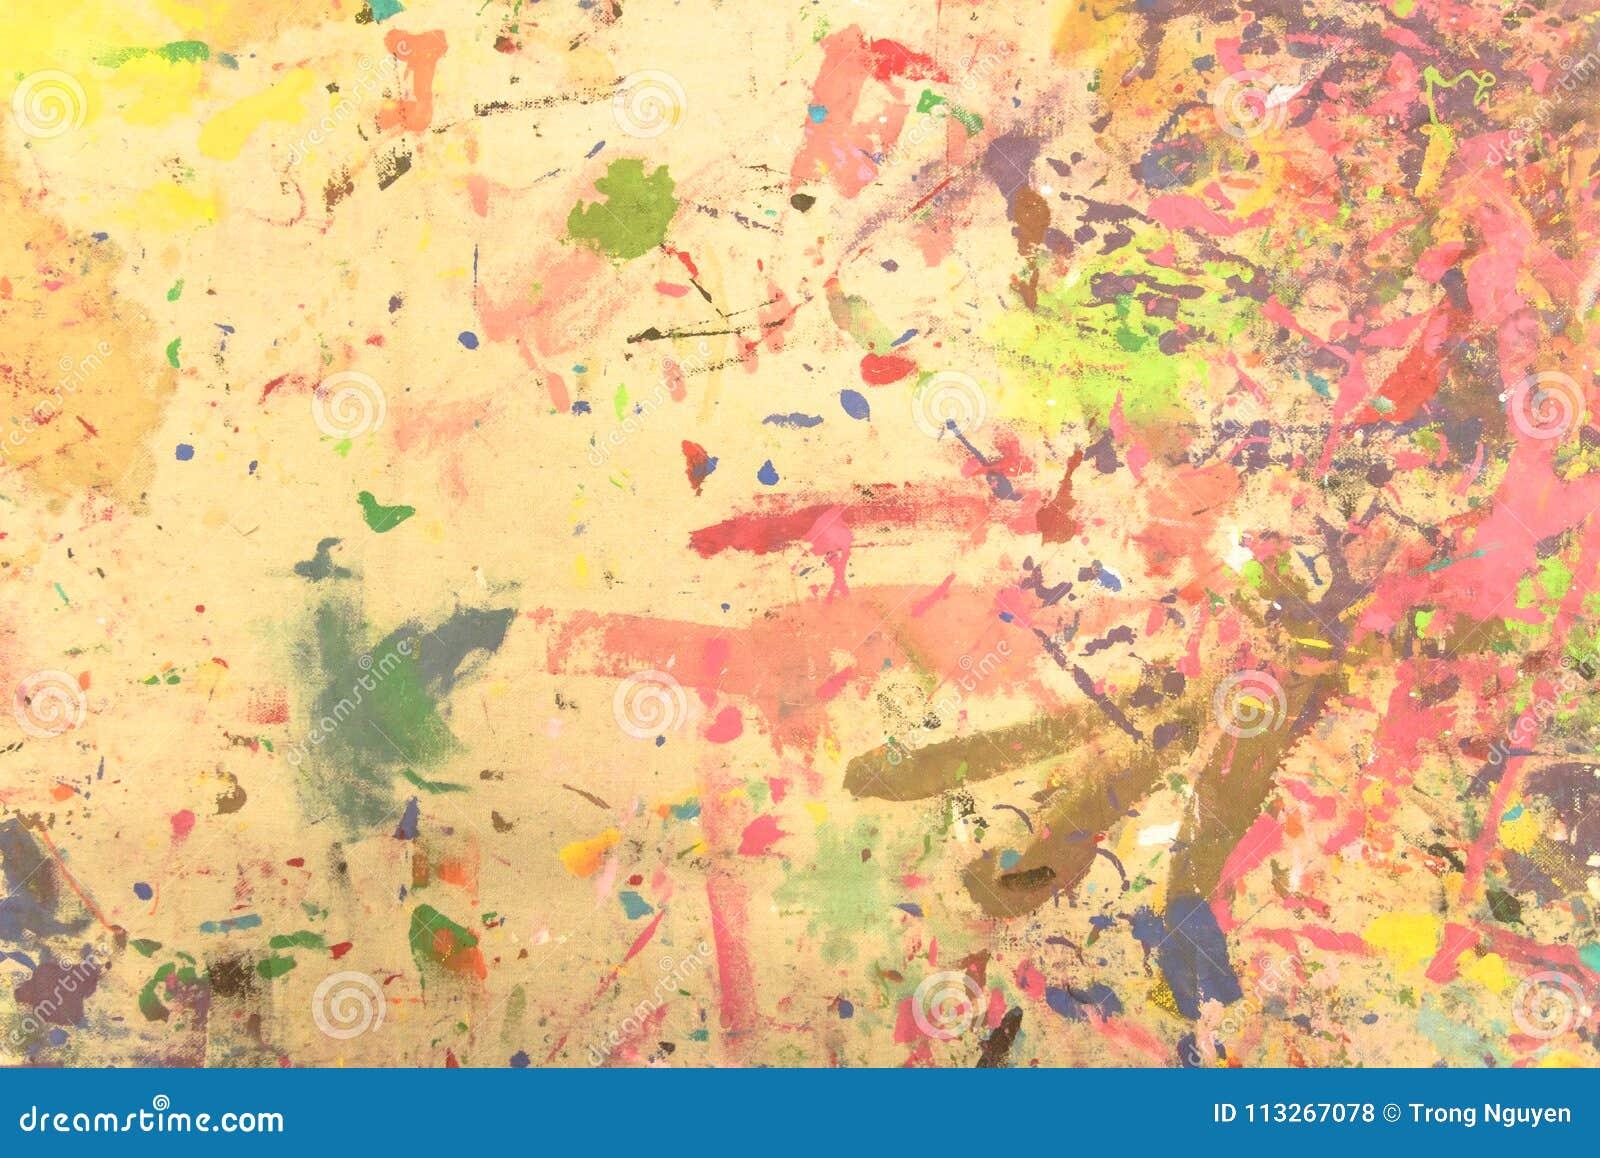 Acrylsauerhandgemaltes des abstrakten Schmutzes auf Segeltuchhintergrund